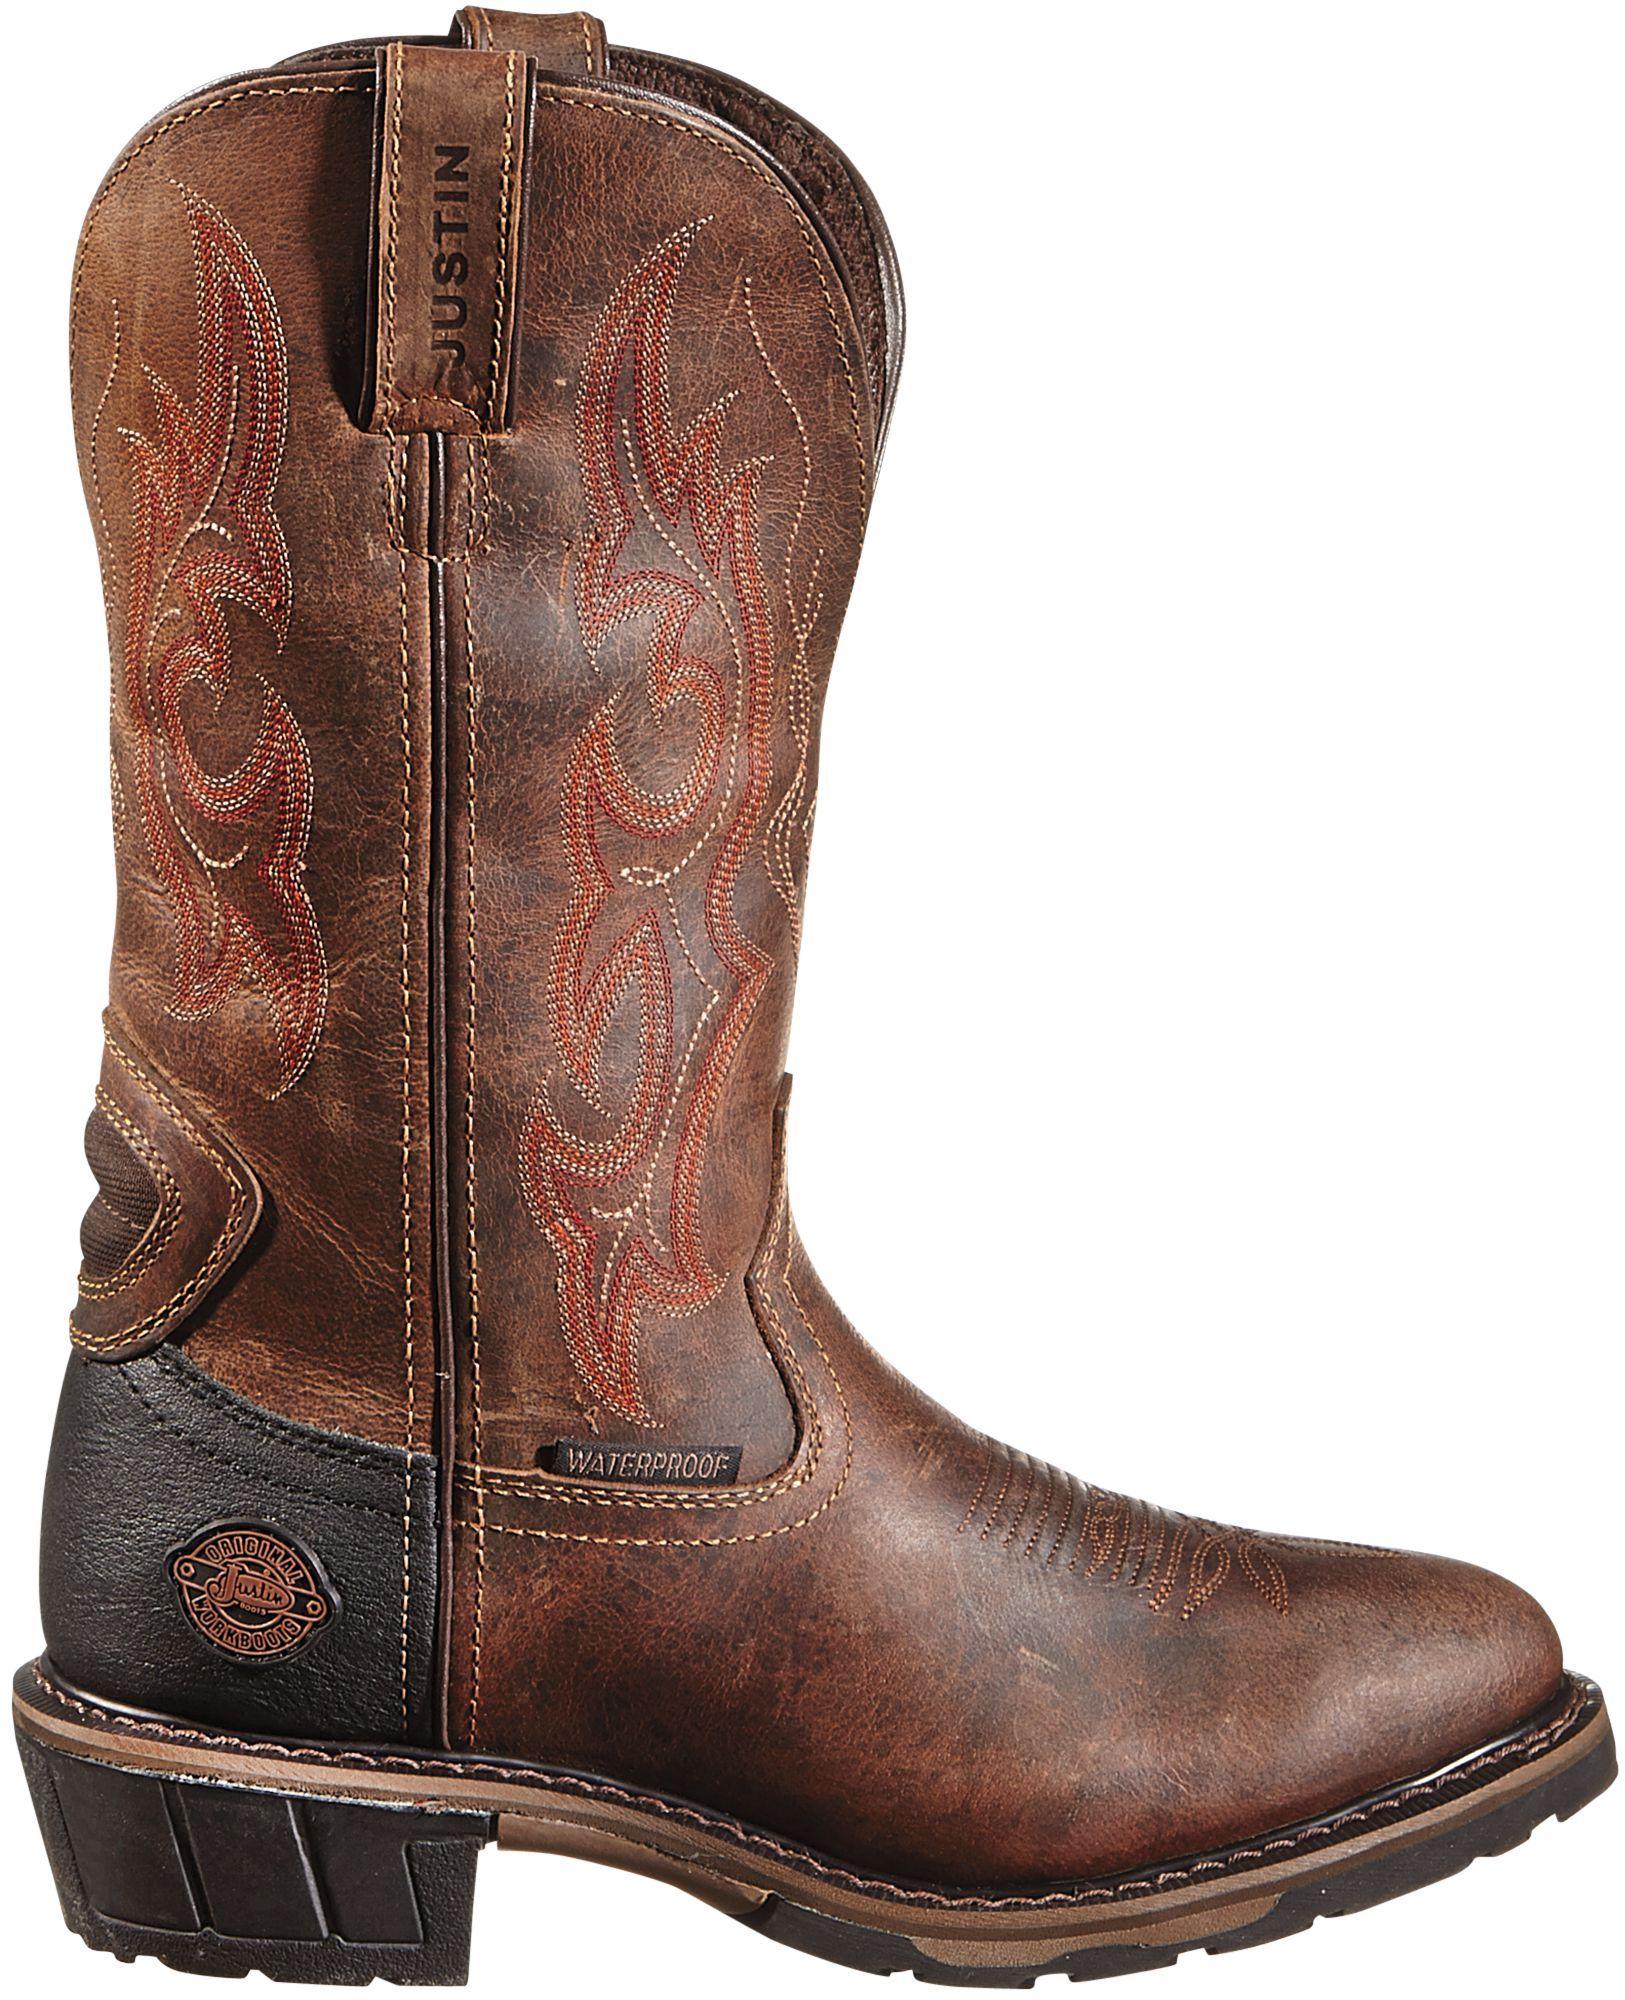 Rugged Utah Hybred Work Boots